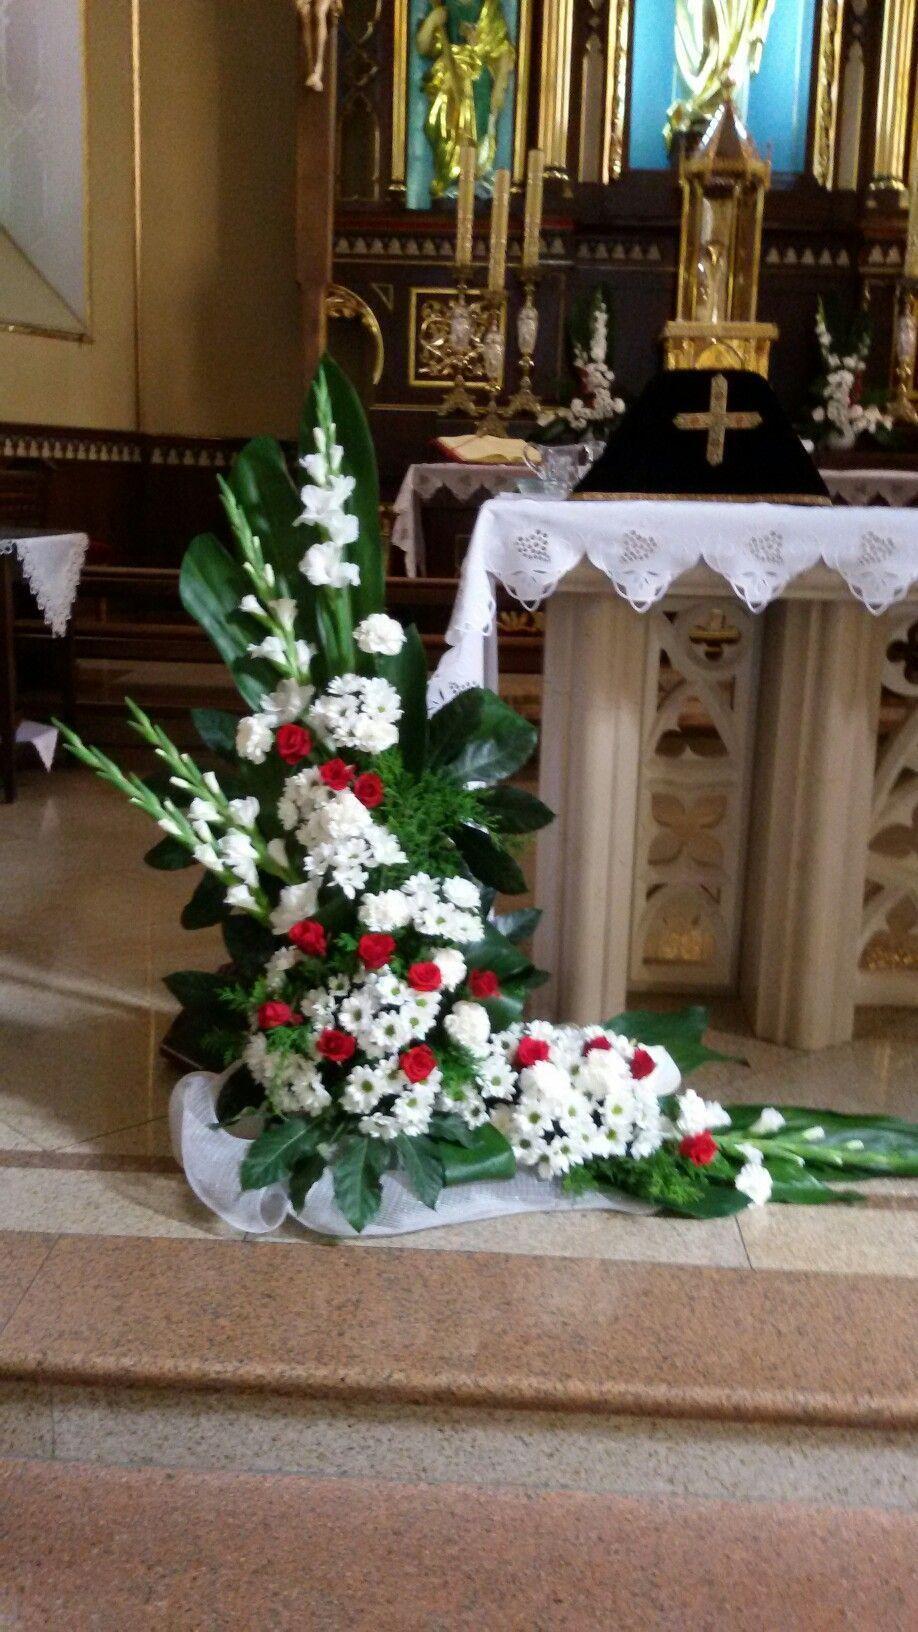 Kwiaty I Ozdoby W Kosciele Alter Flowers Church Flowers Funeral Flowers T Christmas Flower Arrangements Large Flower Arrangements Church Flower Arrangements